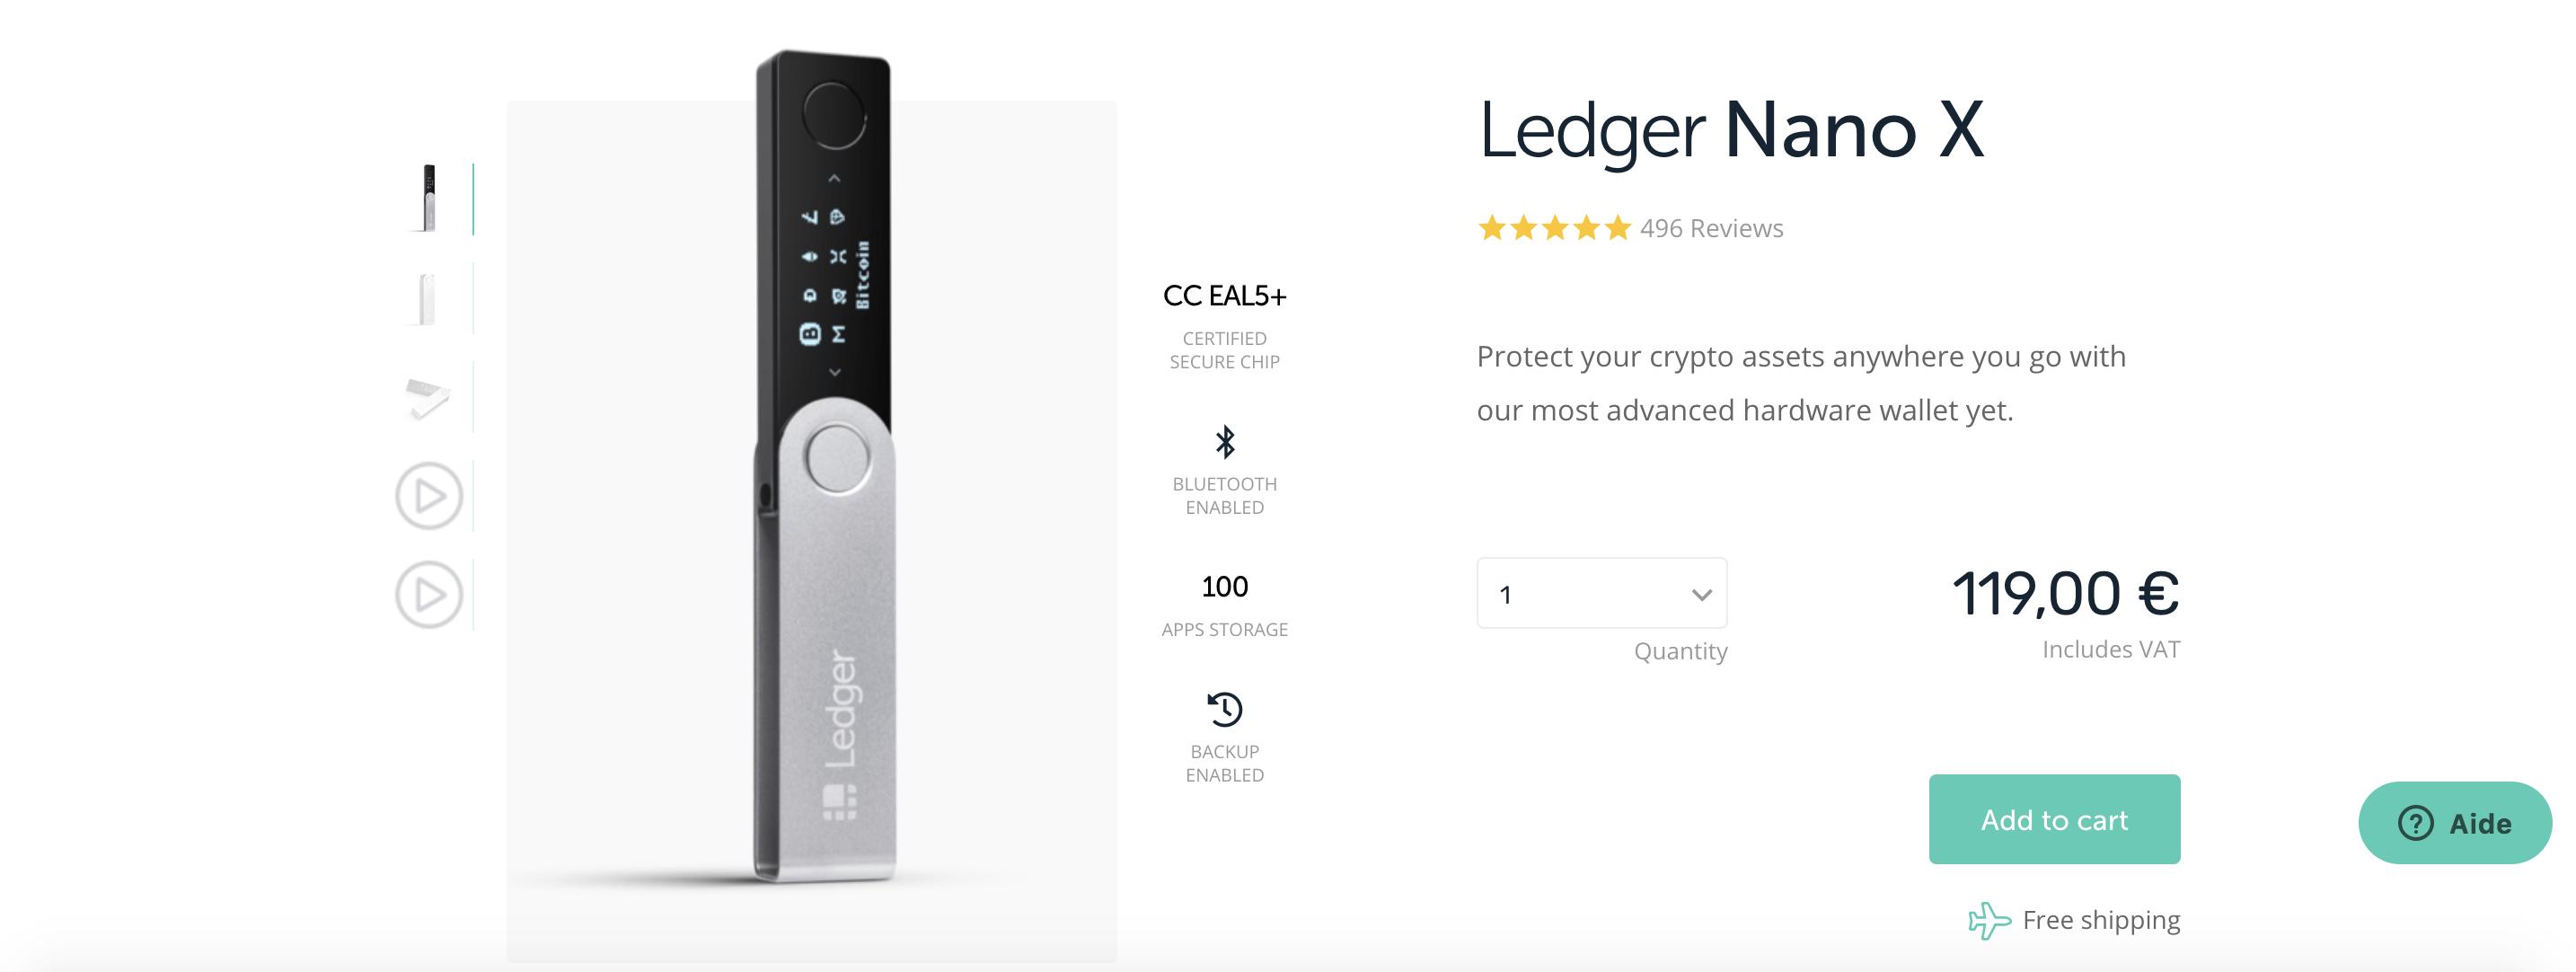 La page de présentation du Ledger Nano X sur le site officiel de l'entreprise.